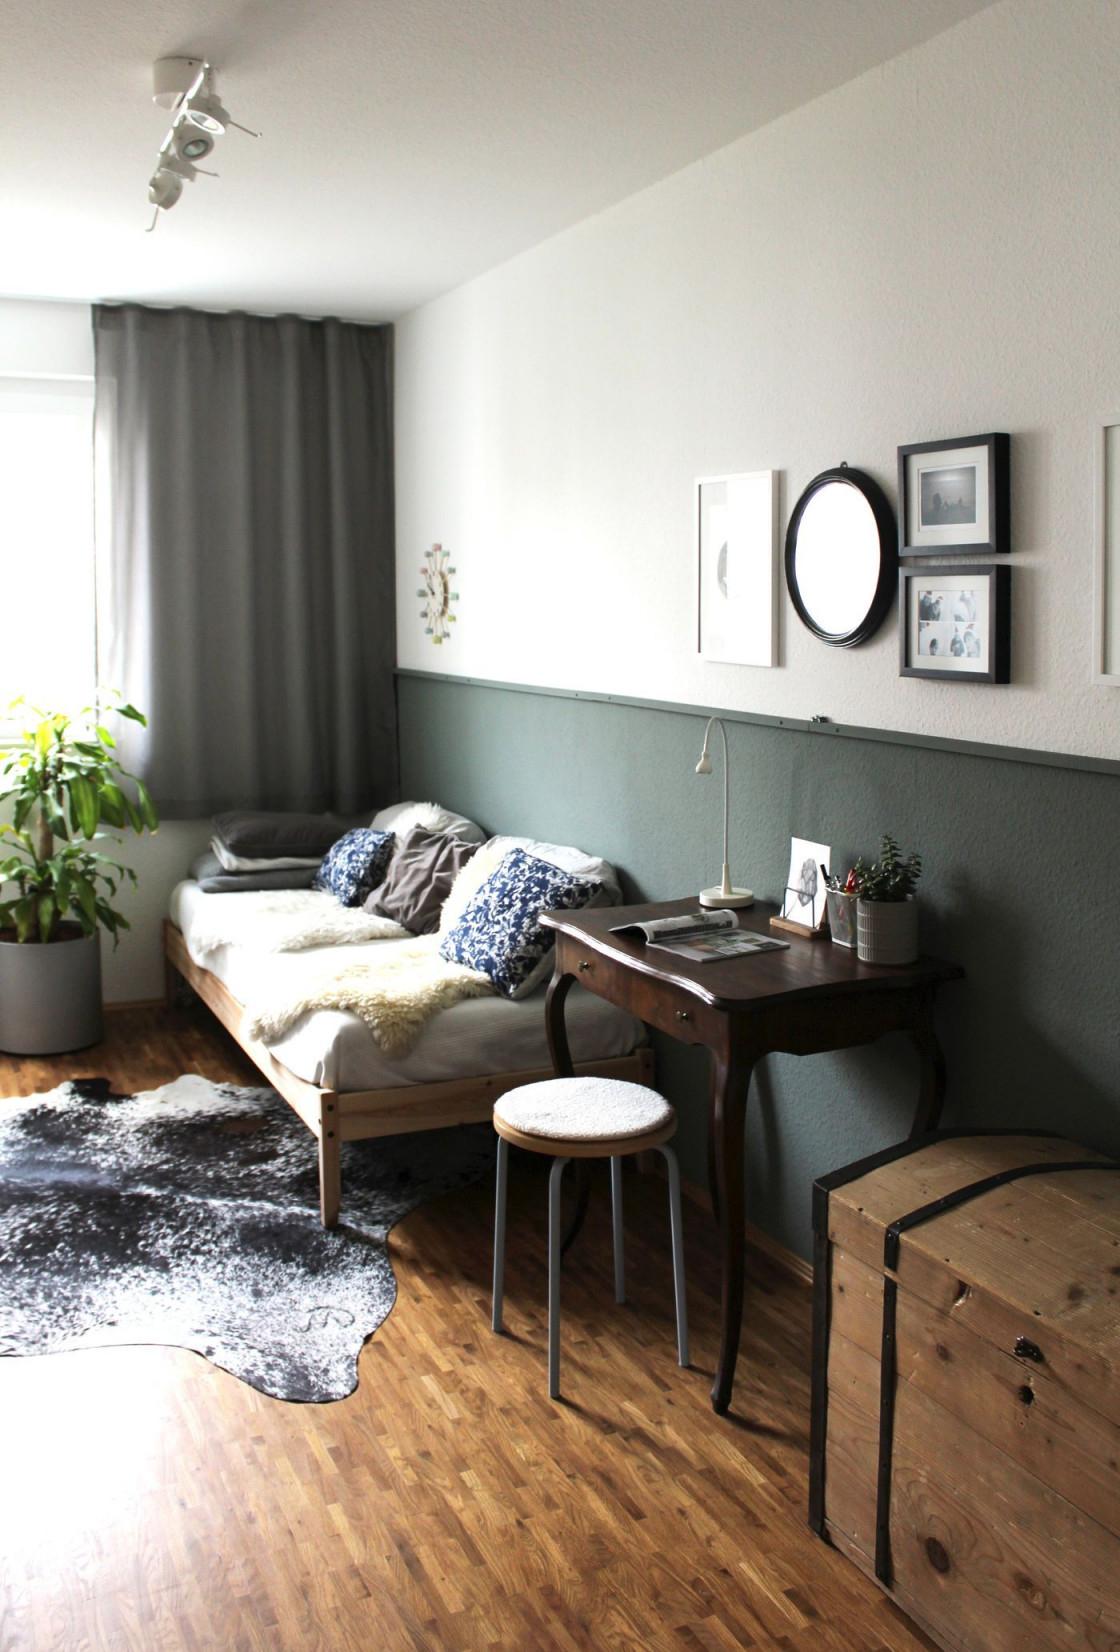 Das Kuhfell Als Dekoidee Und Teppich von Wohnzimmer Mit Kuhfell Teppich Bild